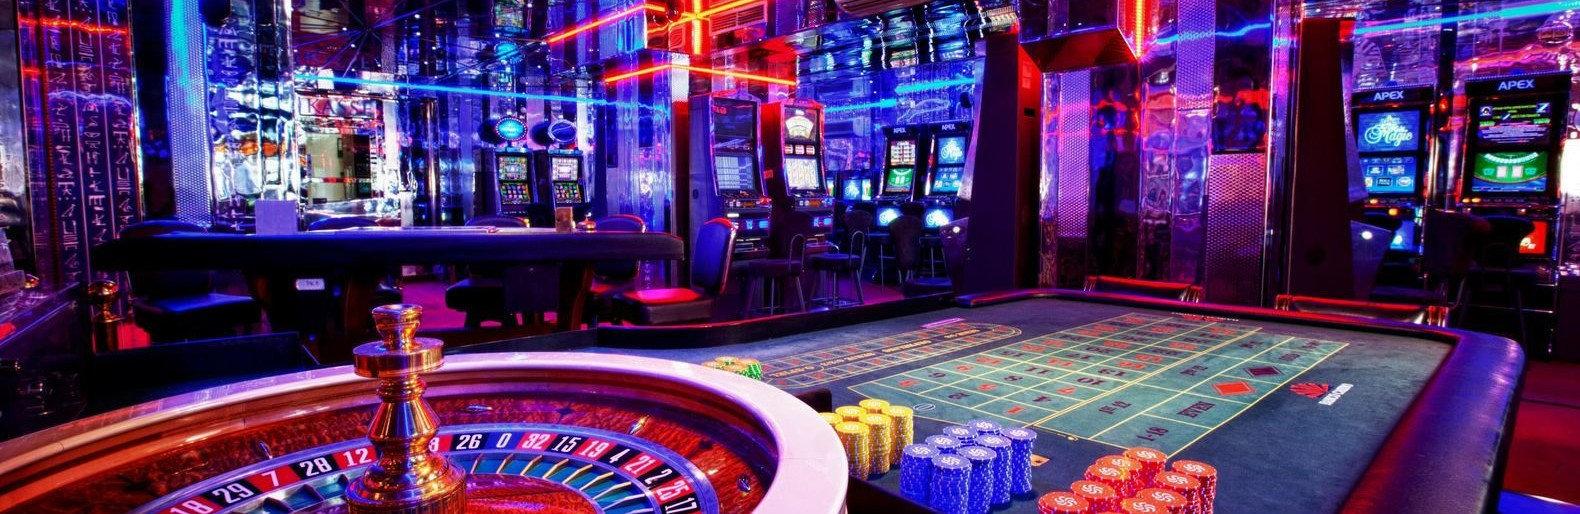 Игровые азартные автоматы играть бесплатно и регистрации казино